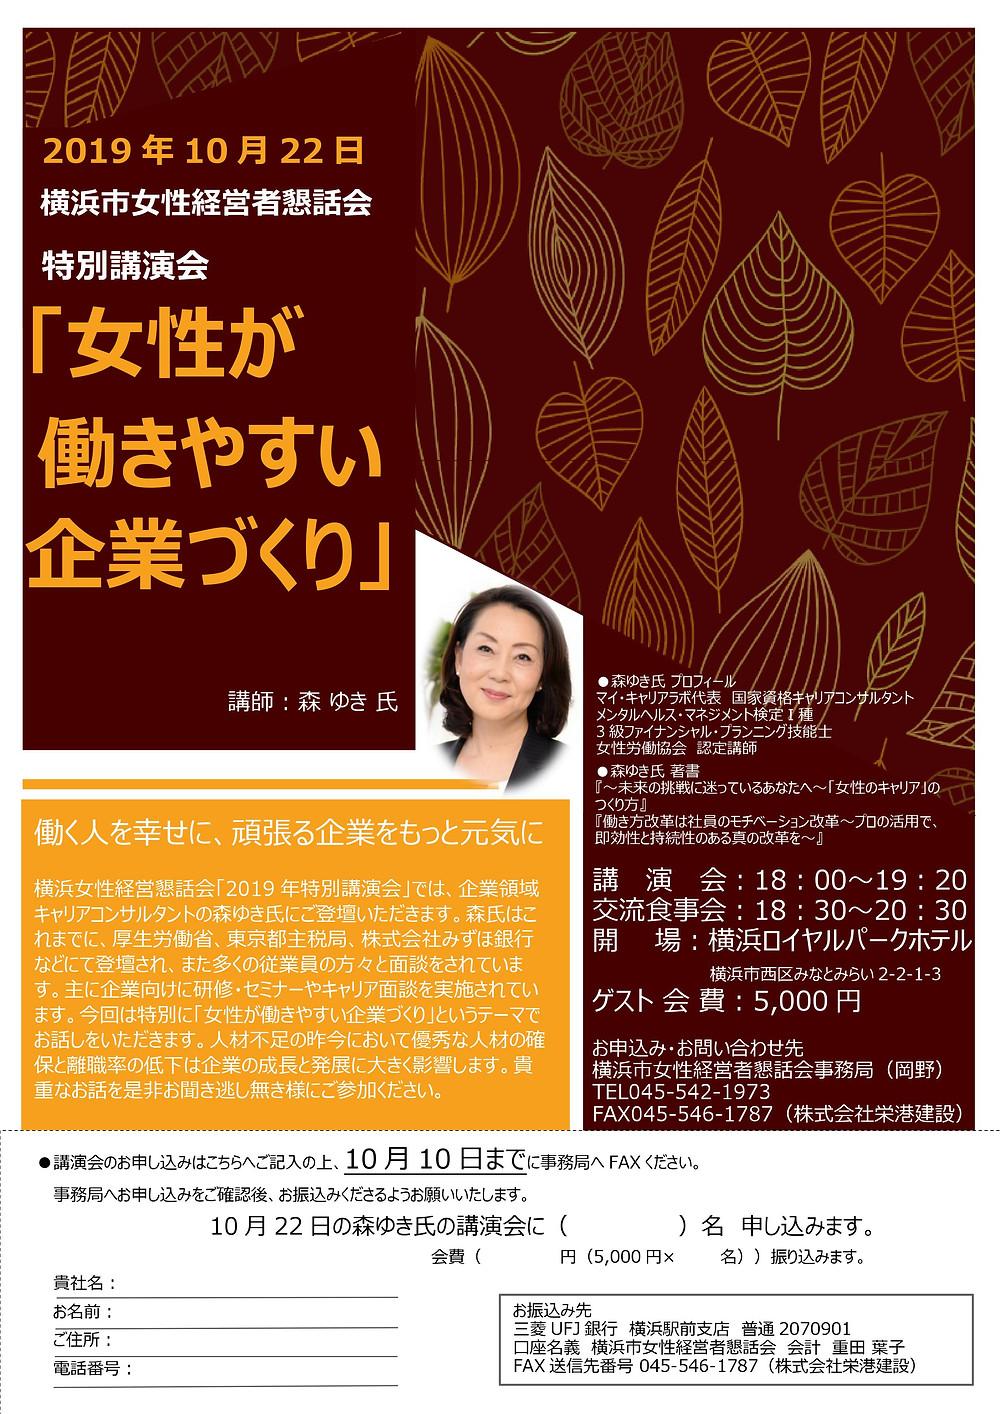 講演「女性が働きやすい企業づくり」森ゆき